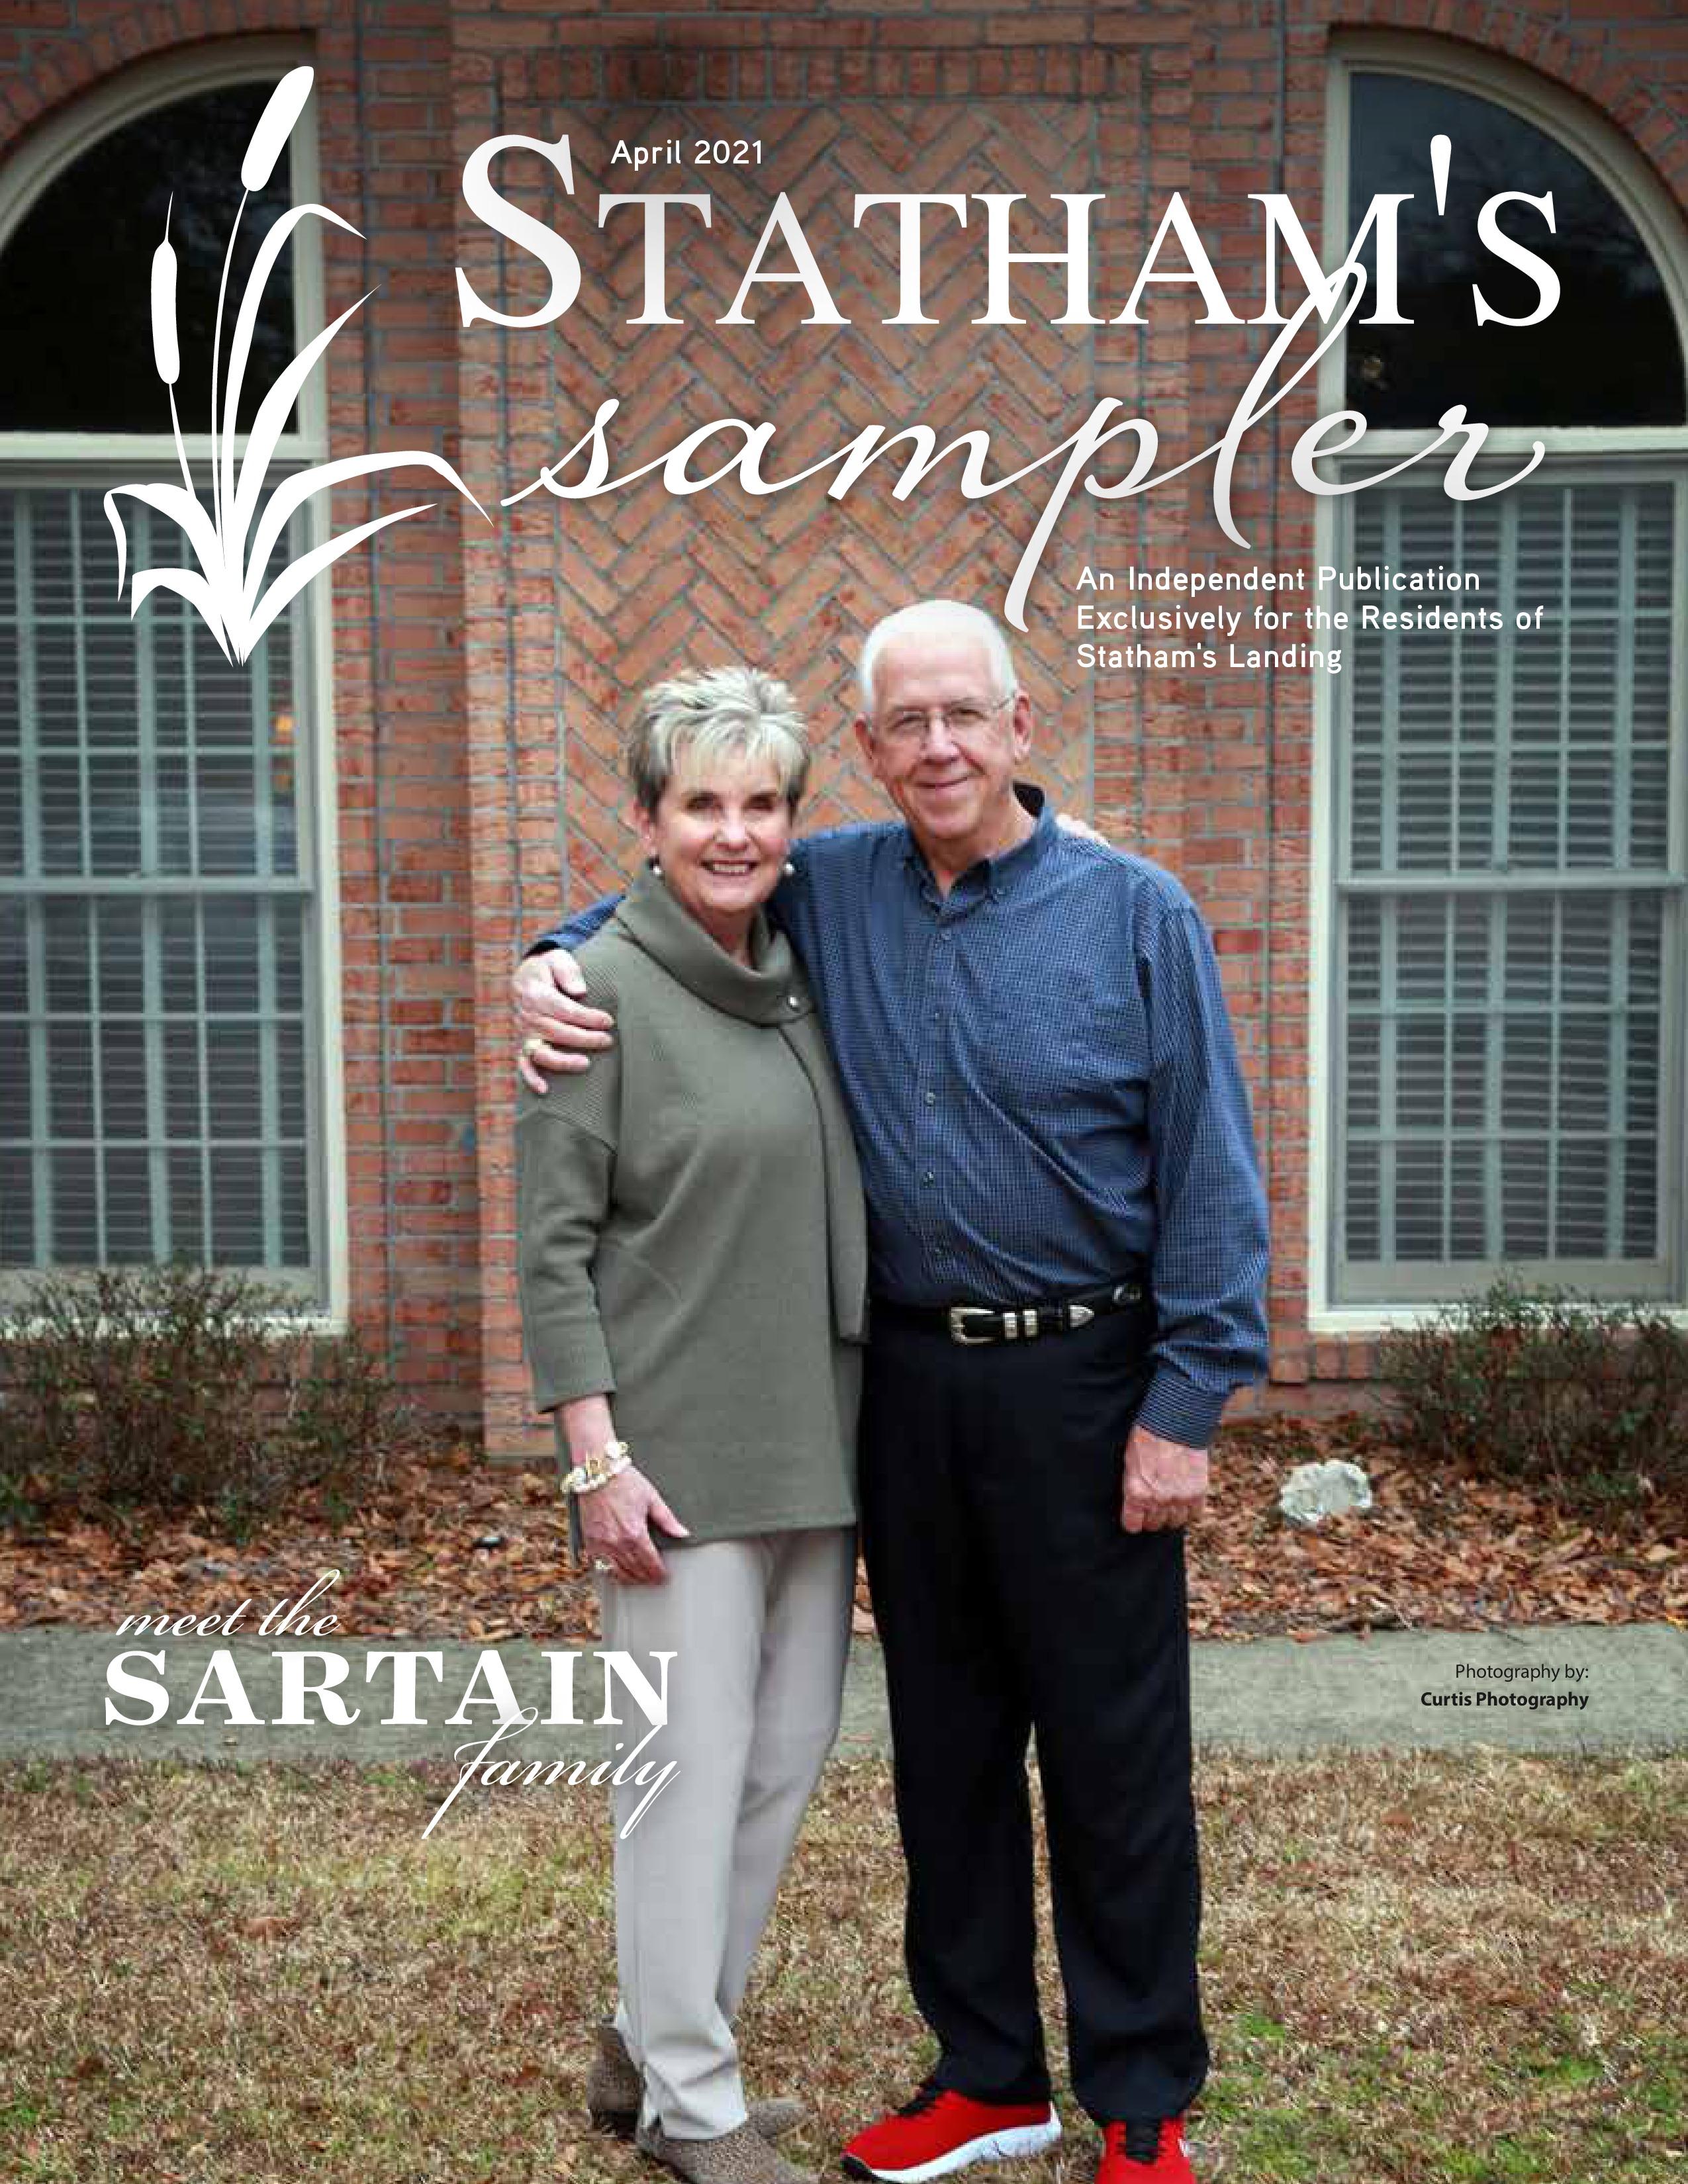 Statham's Sampler 2021-04-01